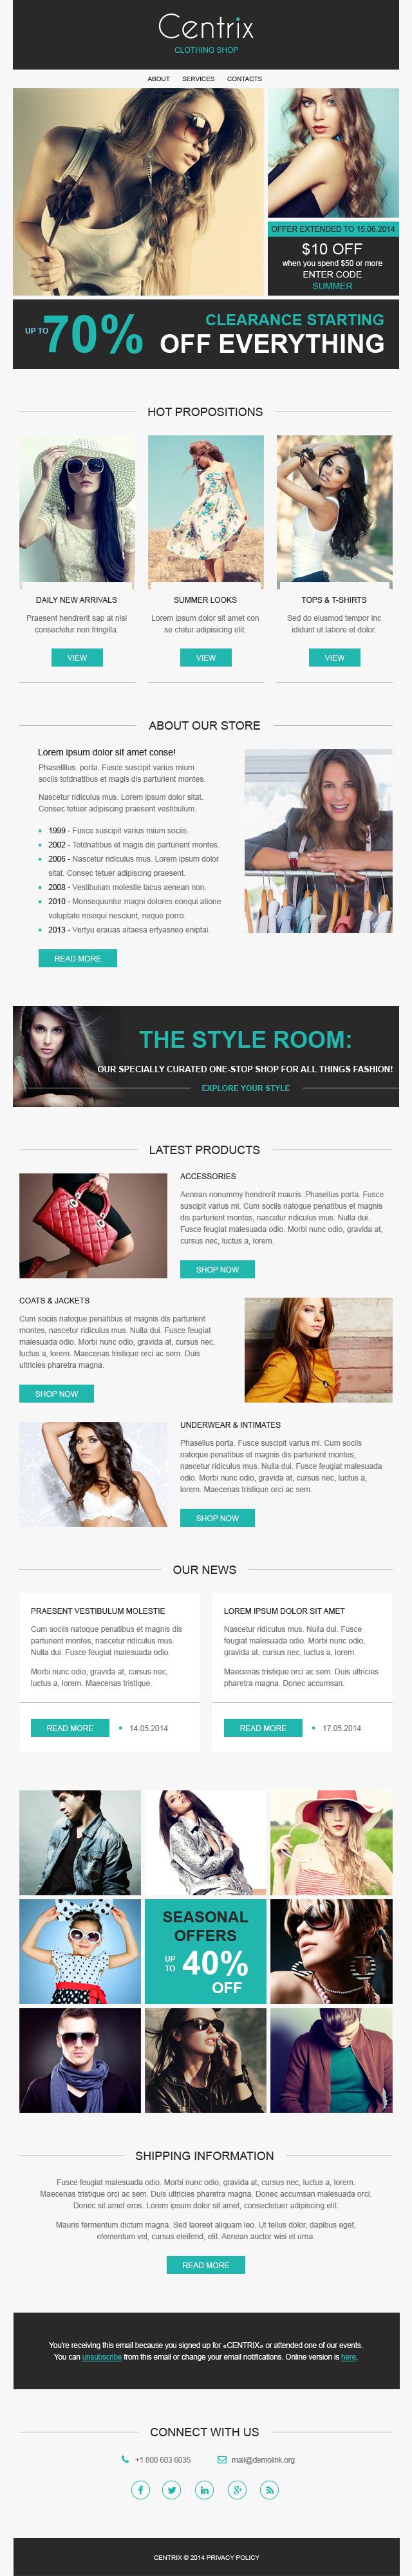 Responsive Moda Mağazası Haber Bülteni #50929